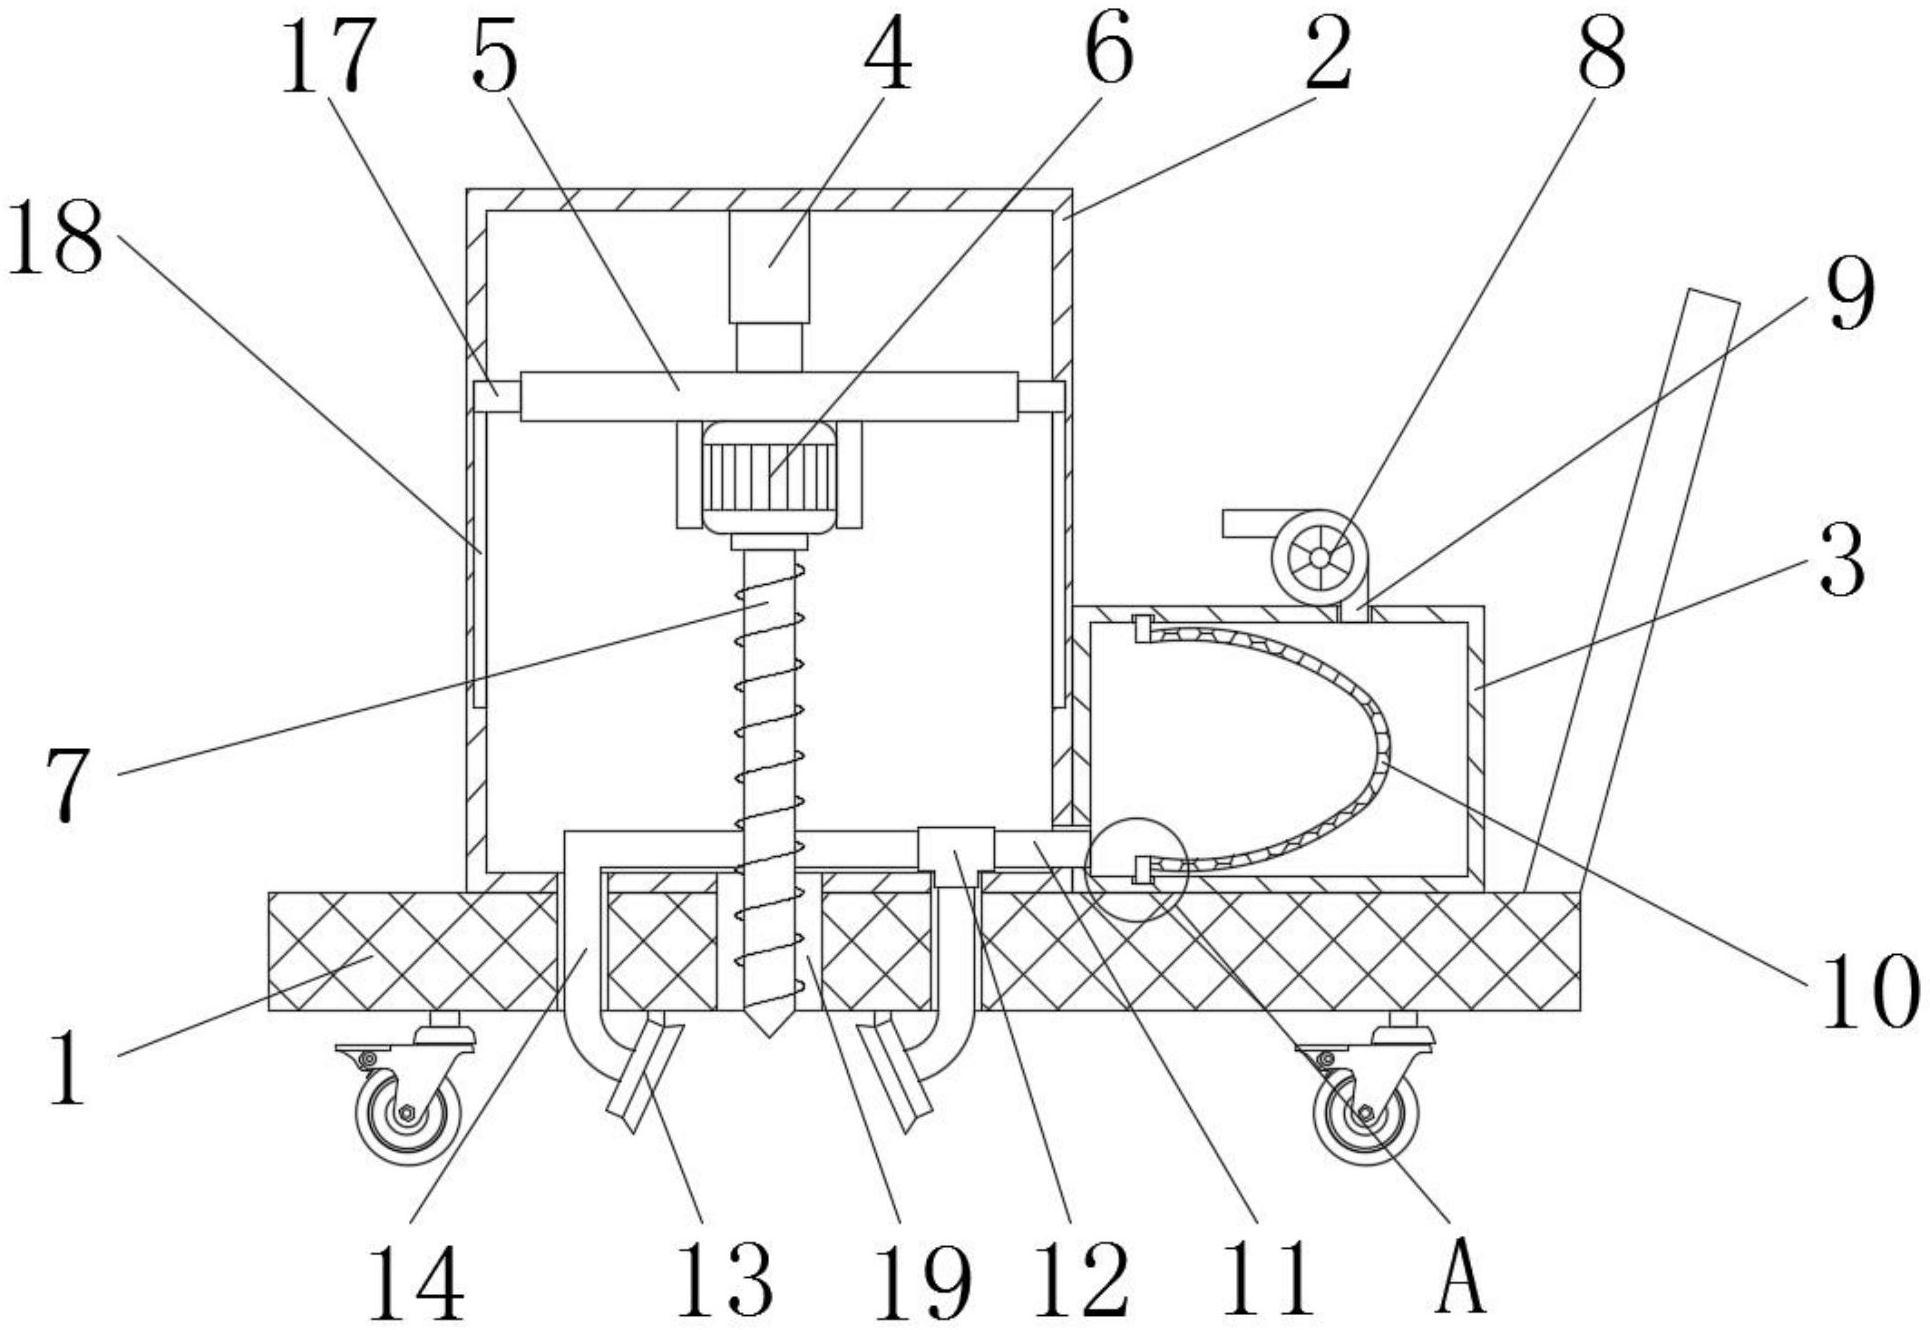 一种用于铁路道路施工打孔机